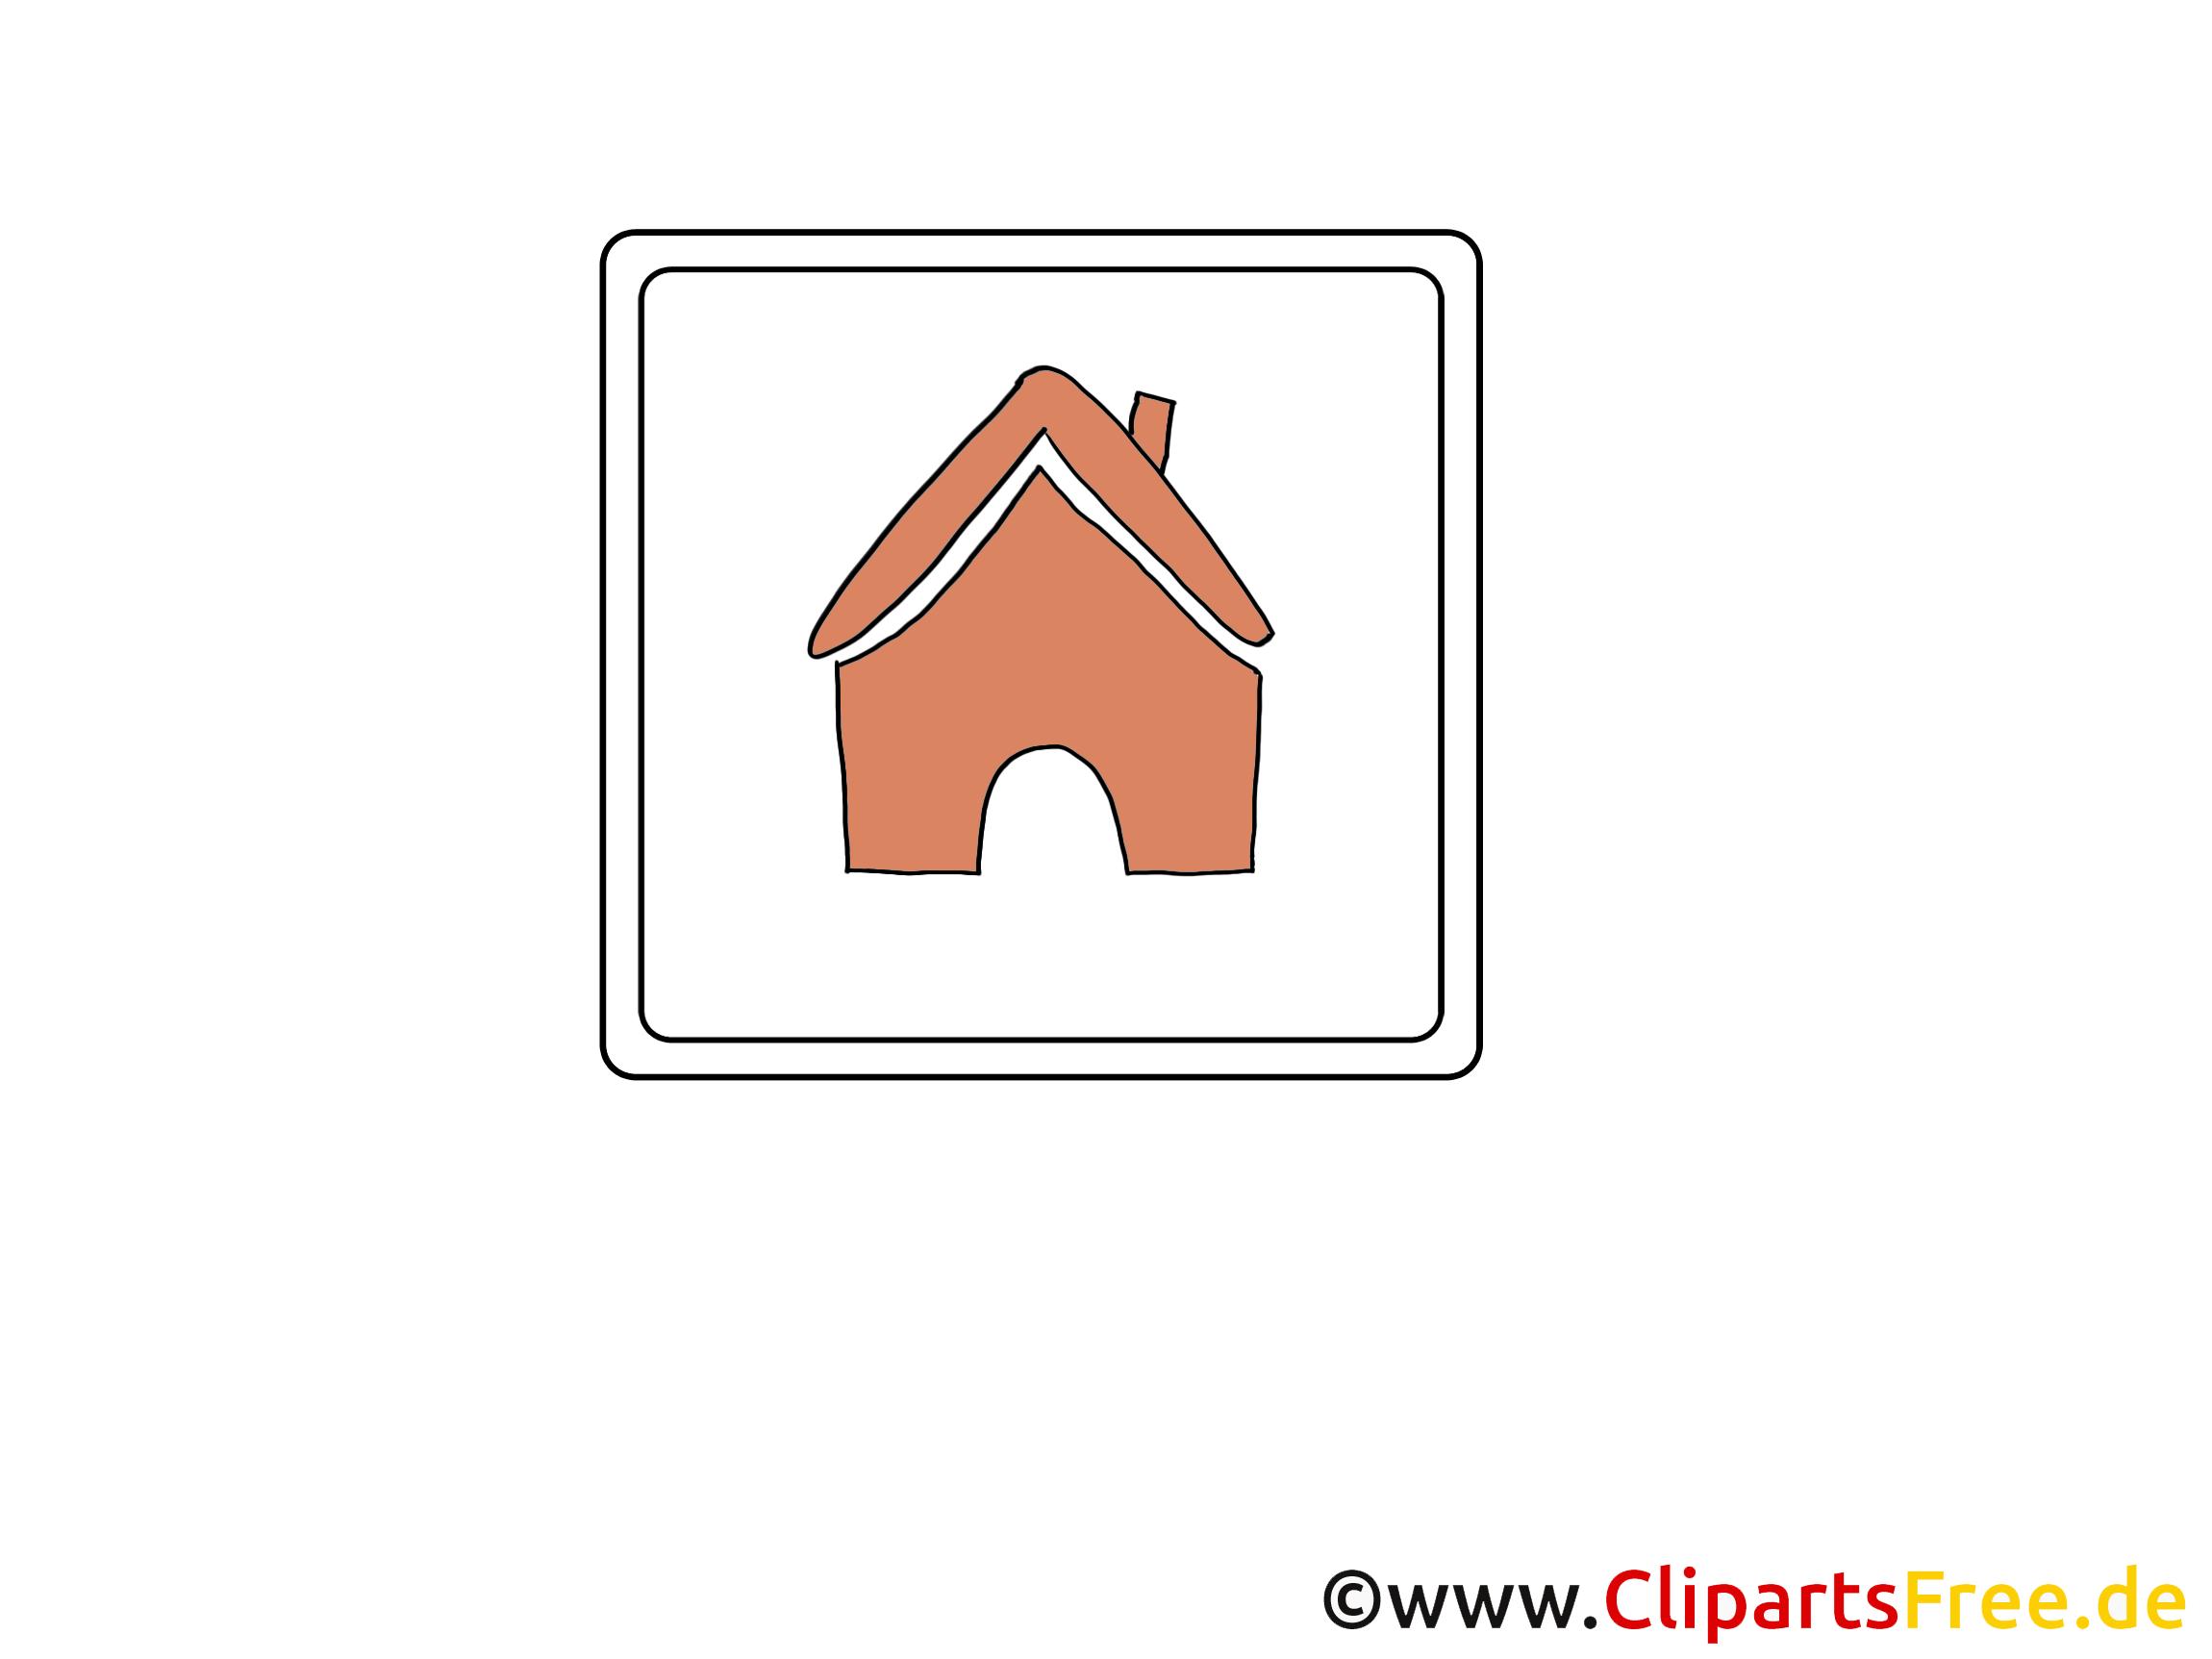 Maison image gratuite – Icône clipart